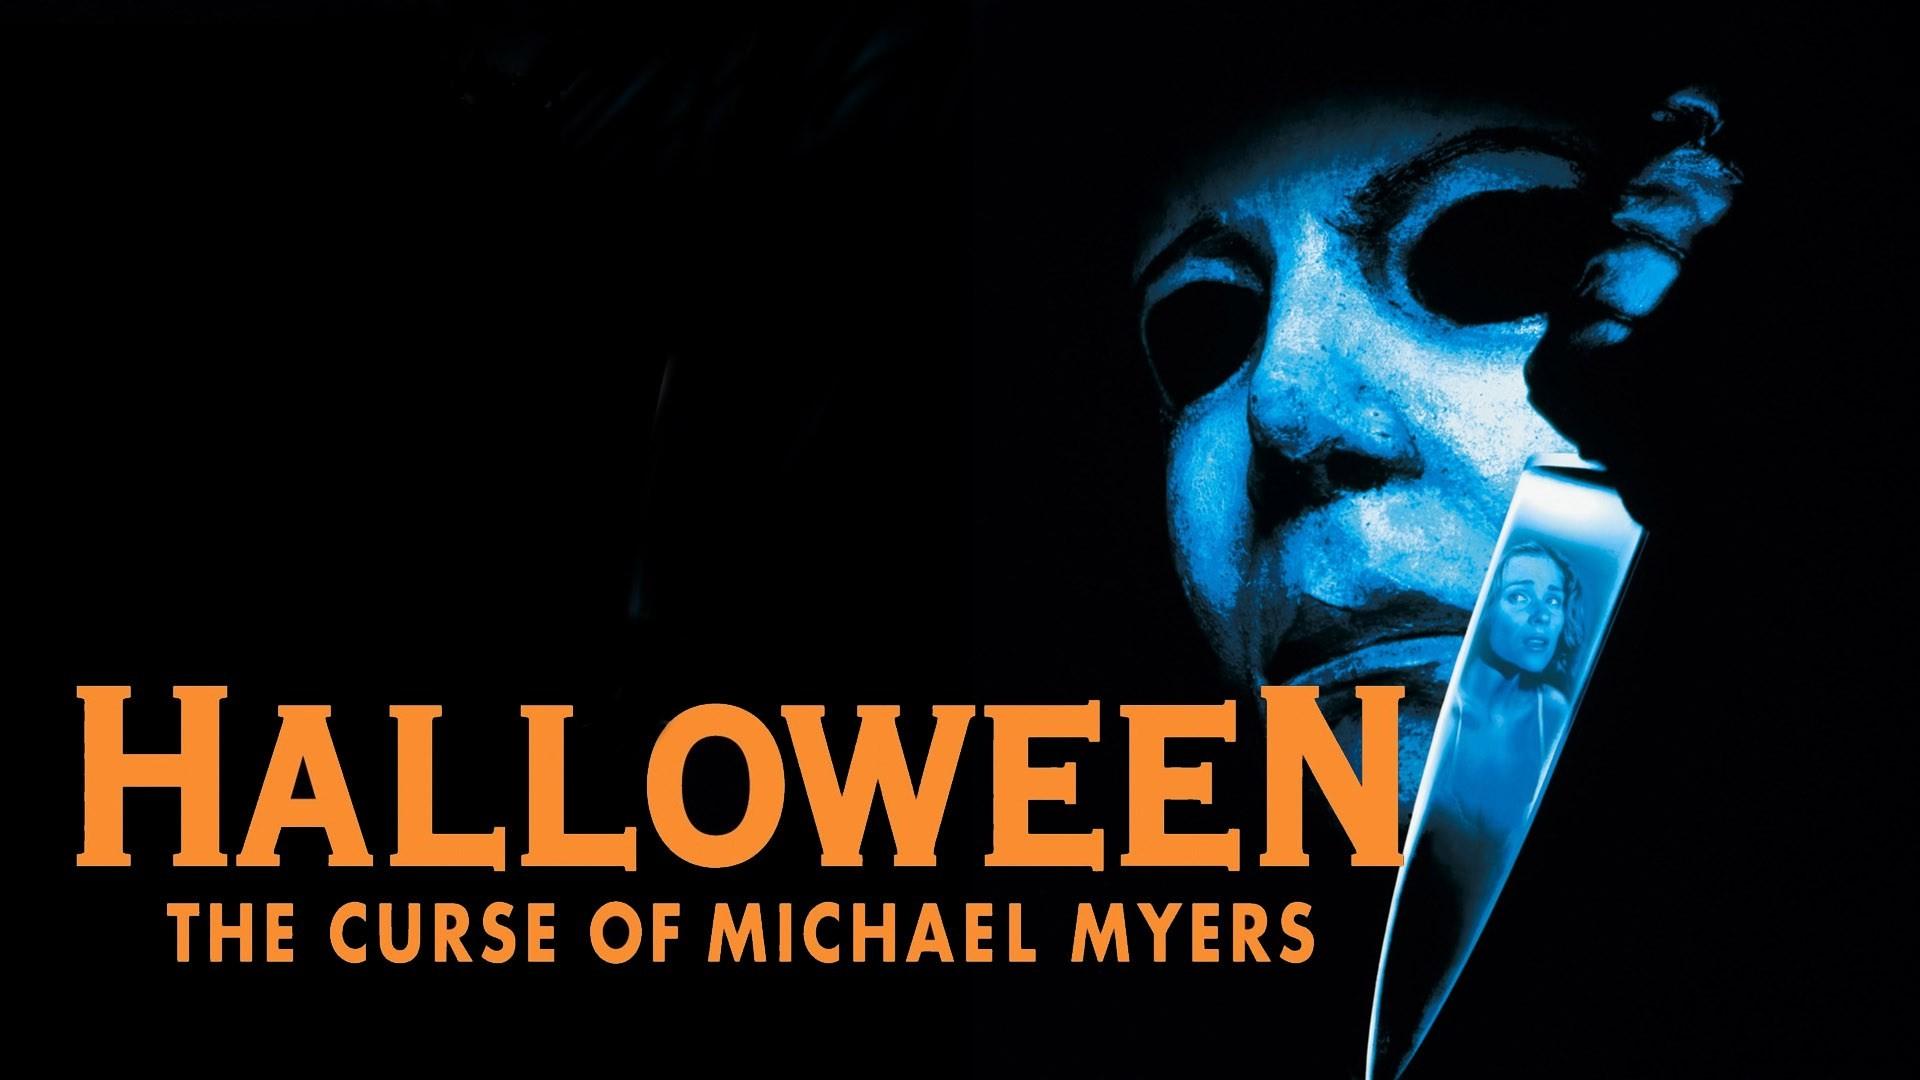 Halloween 2007 Full Movie